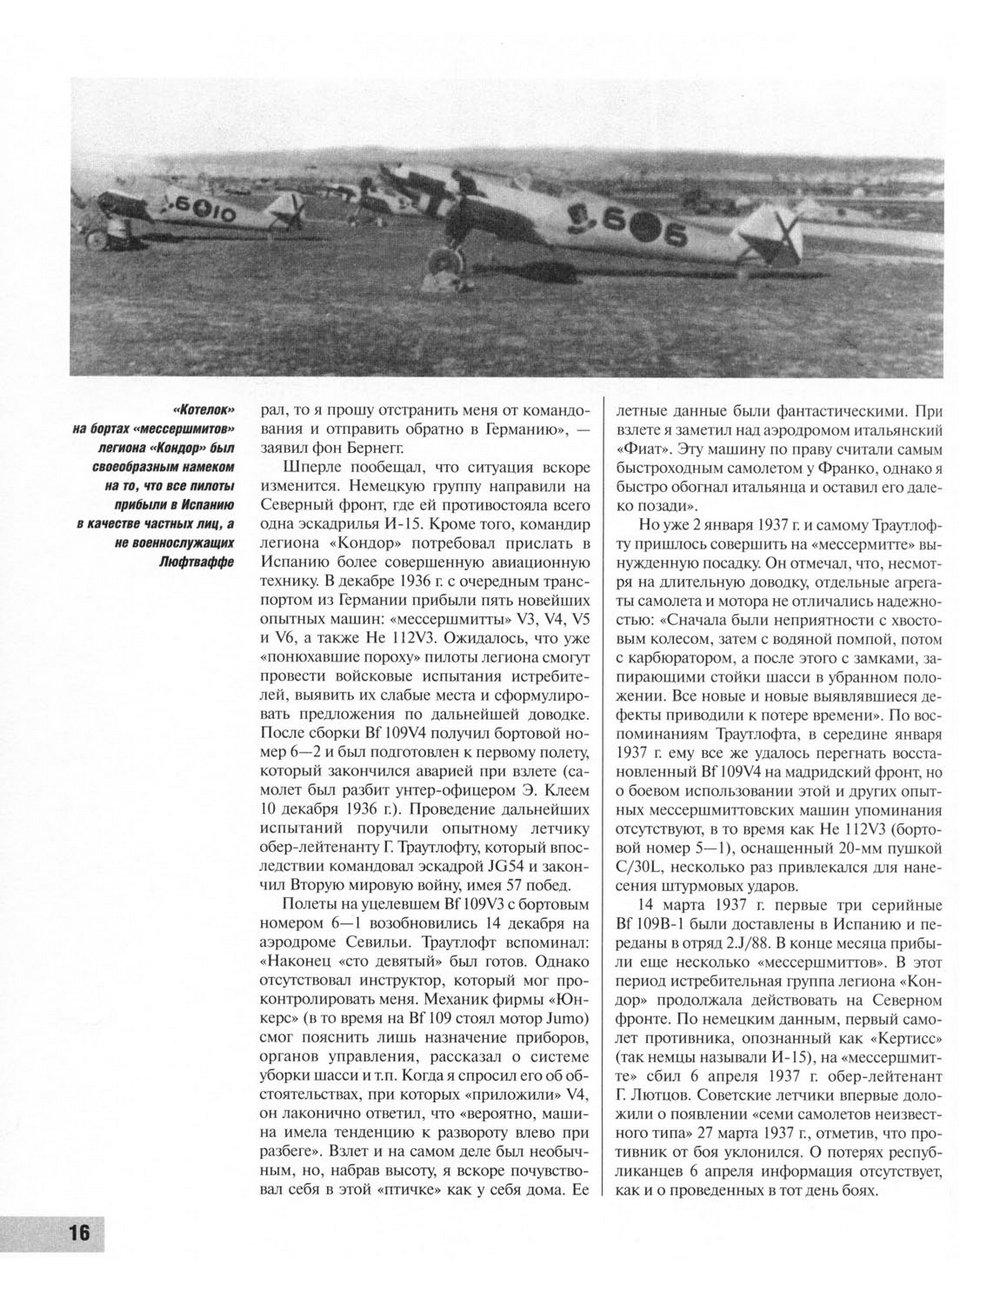 http://images.vfl.ru/ii/1365694695/415dc7d5/2126676.jpg